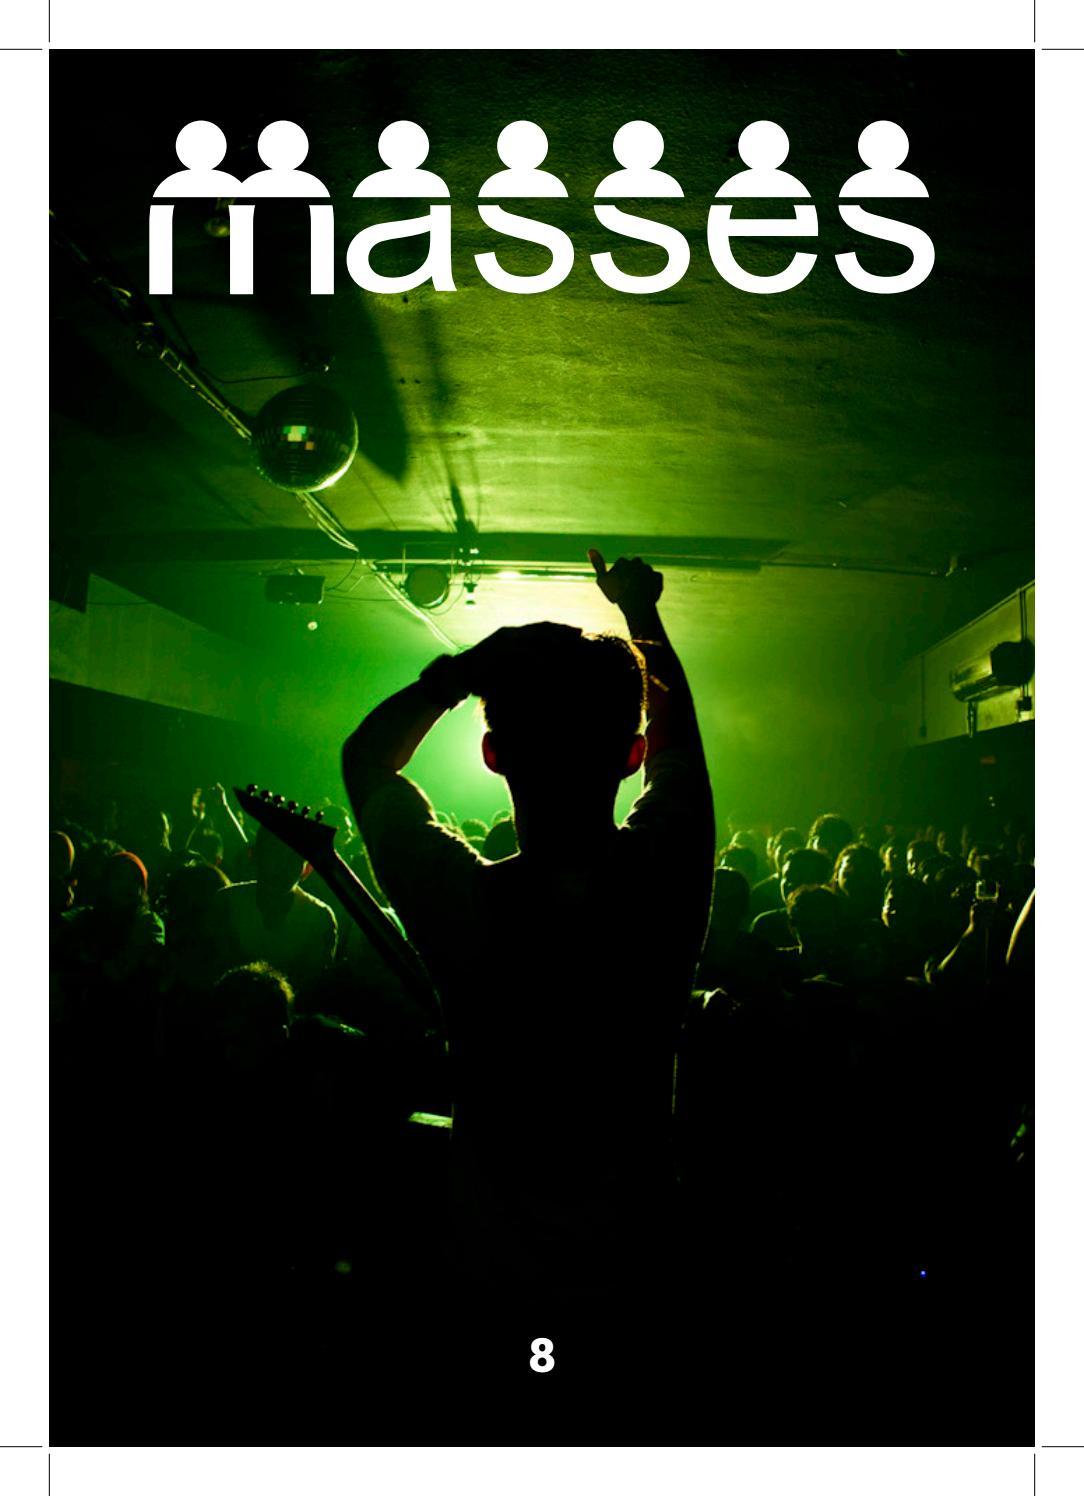 Masseszine No 8 The Rock Issue By Massesmy Issuu